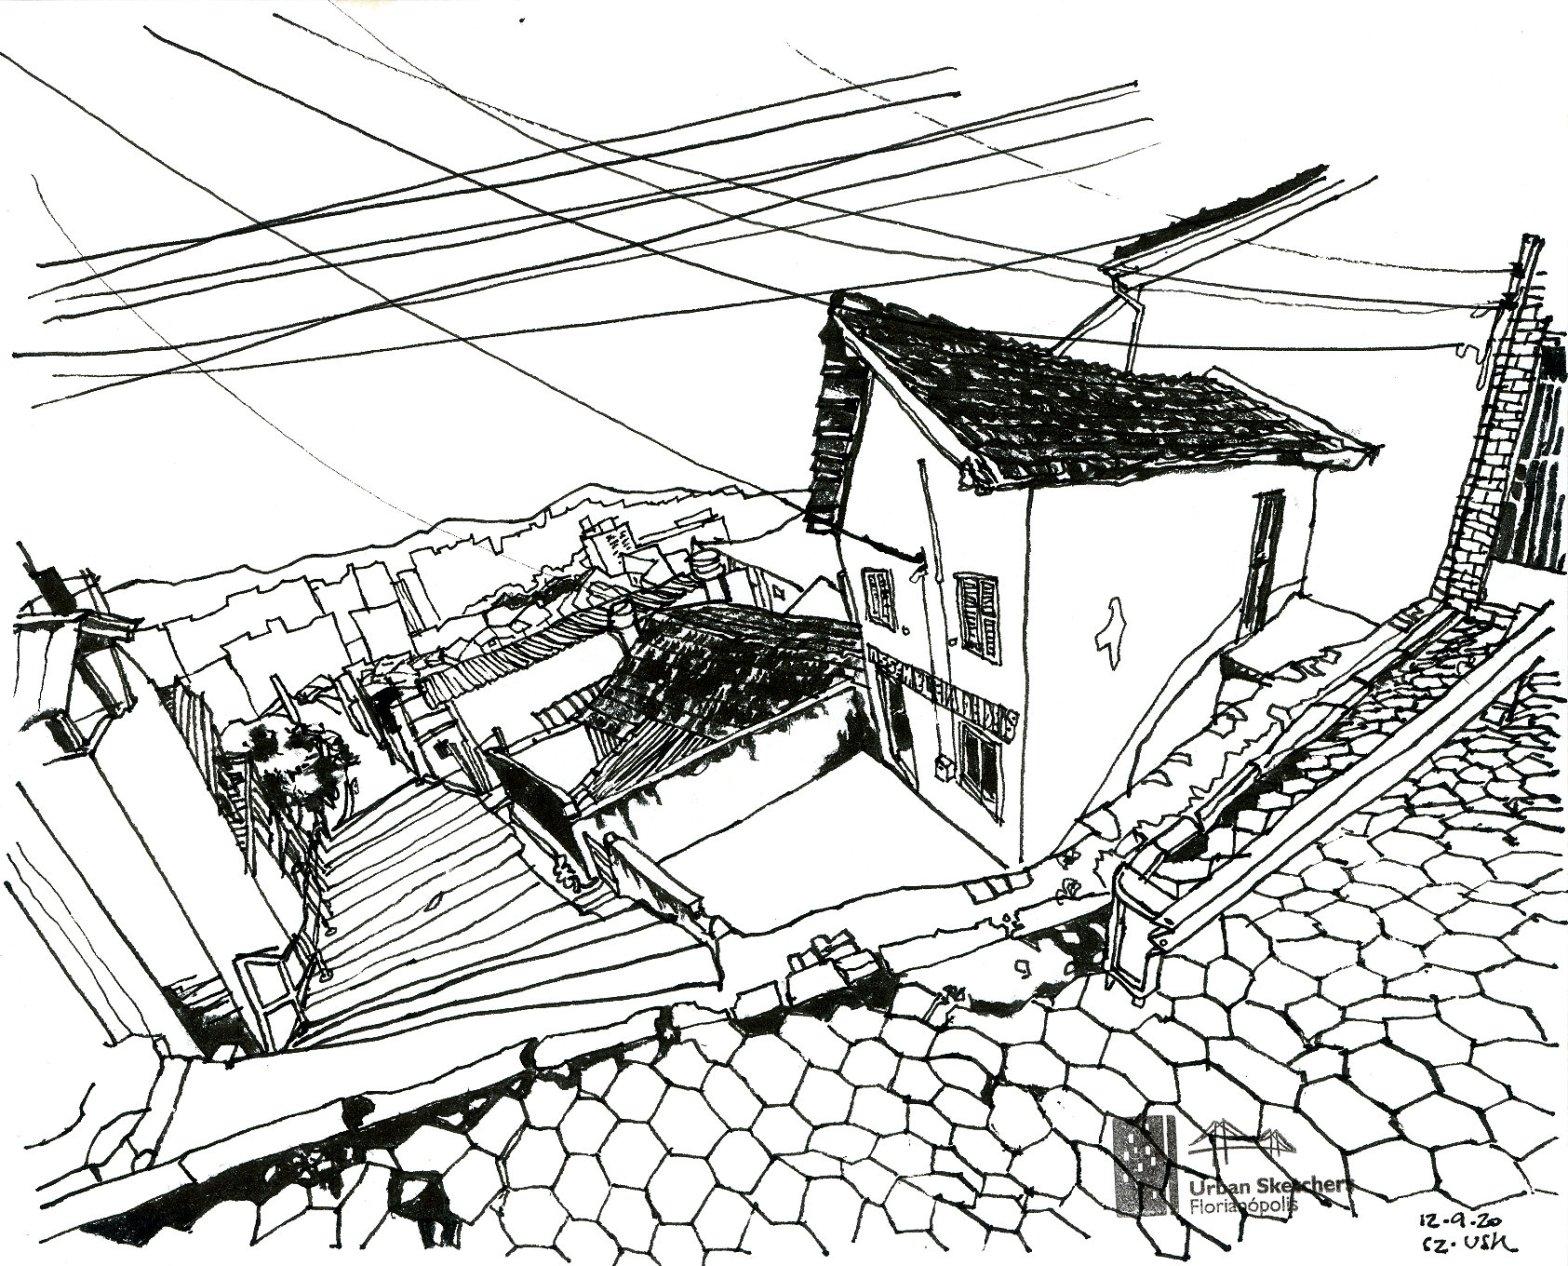 Desenho a traço da escadaria do Morro da Mariquinha vista a partir de cima com casas ao lado e rua de lajota em primeiro plano